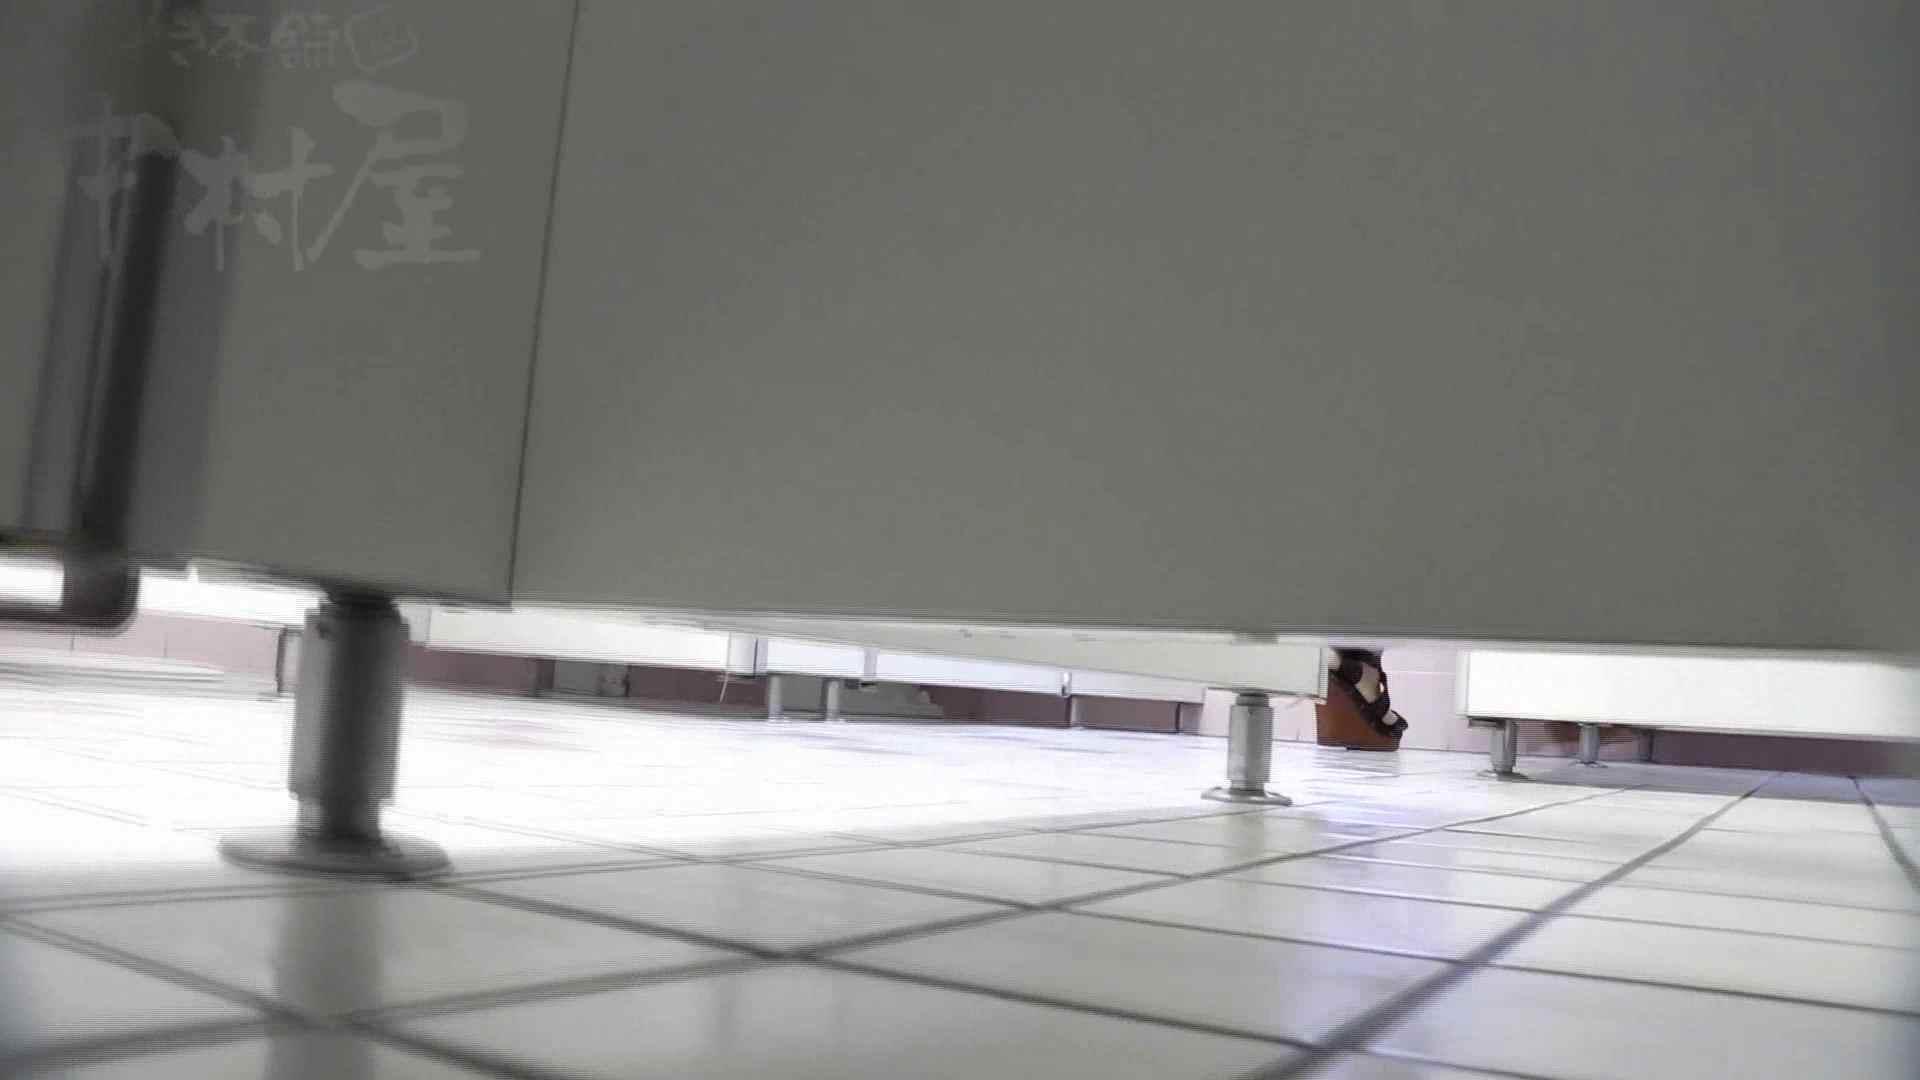 美しい日本の未来 No.29 豹柄サンダルはイ更●気味??? 排泄編 AV無料 111PIX 59